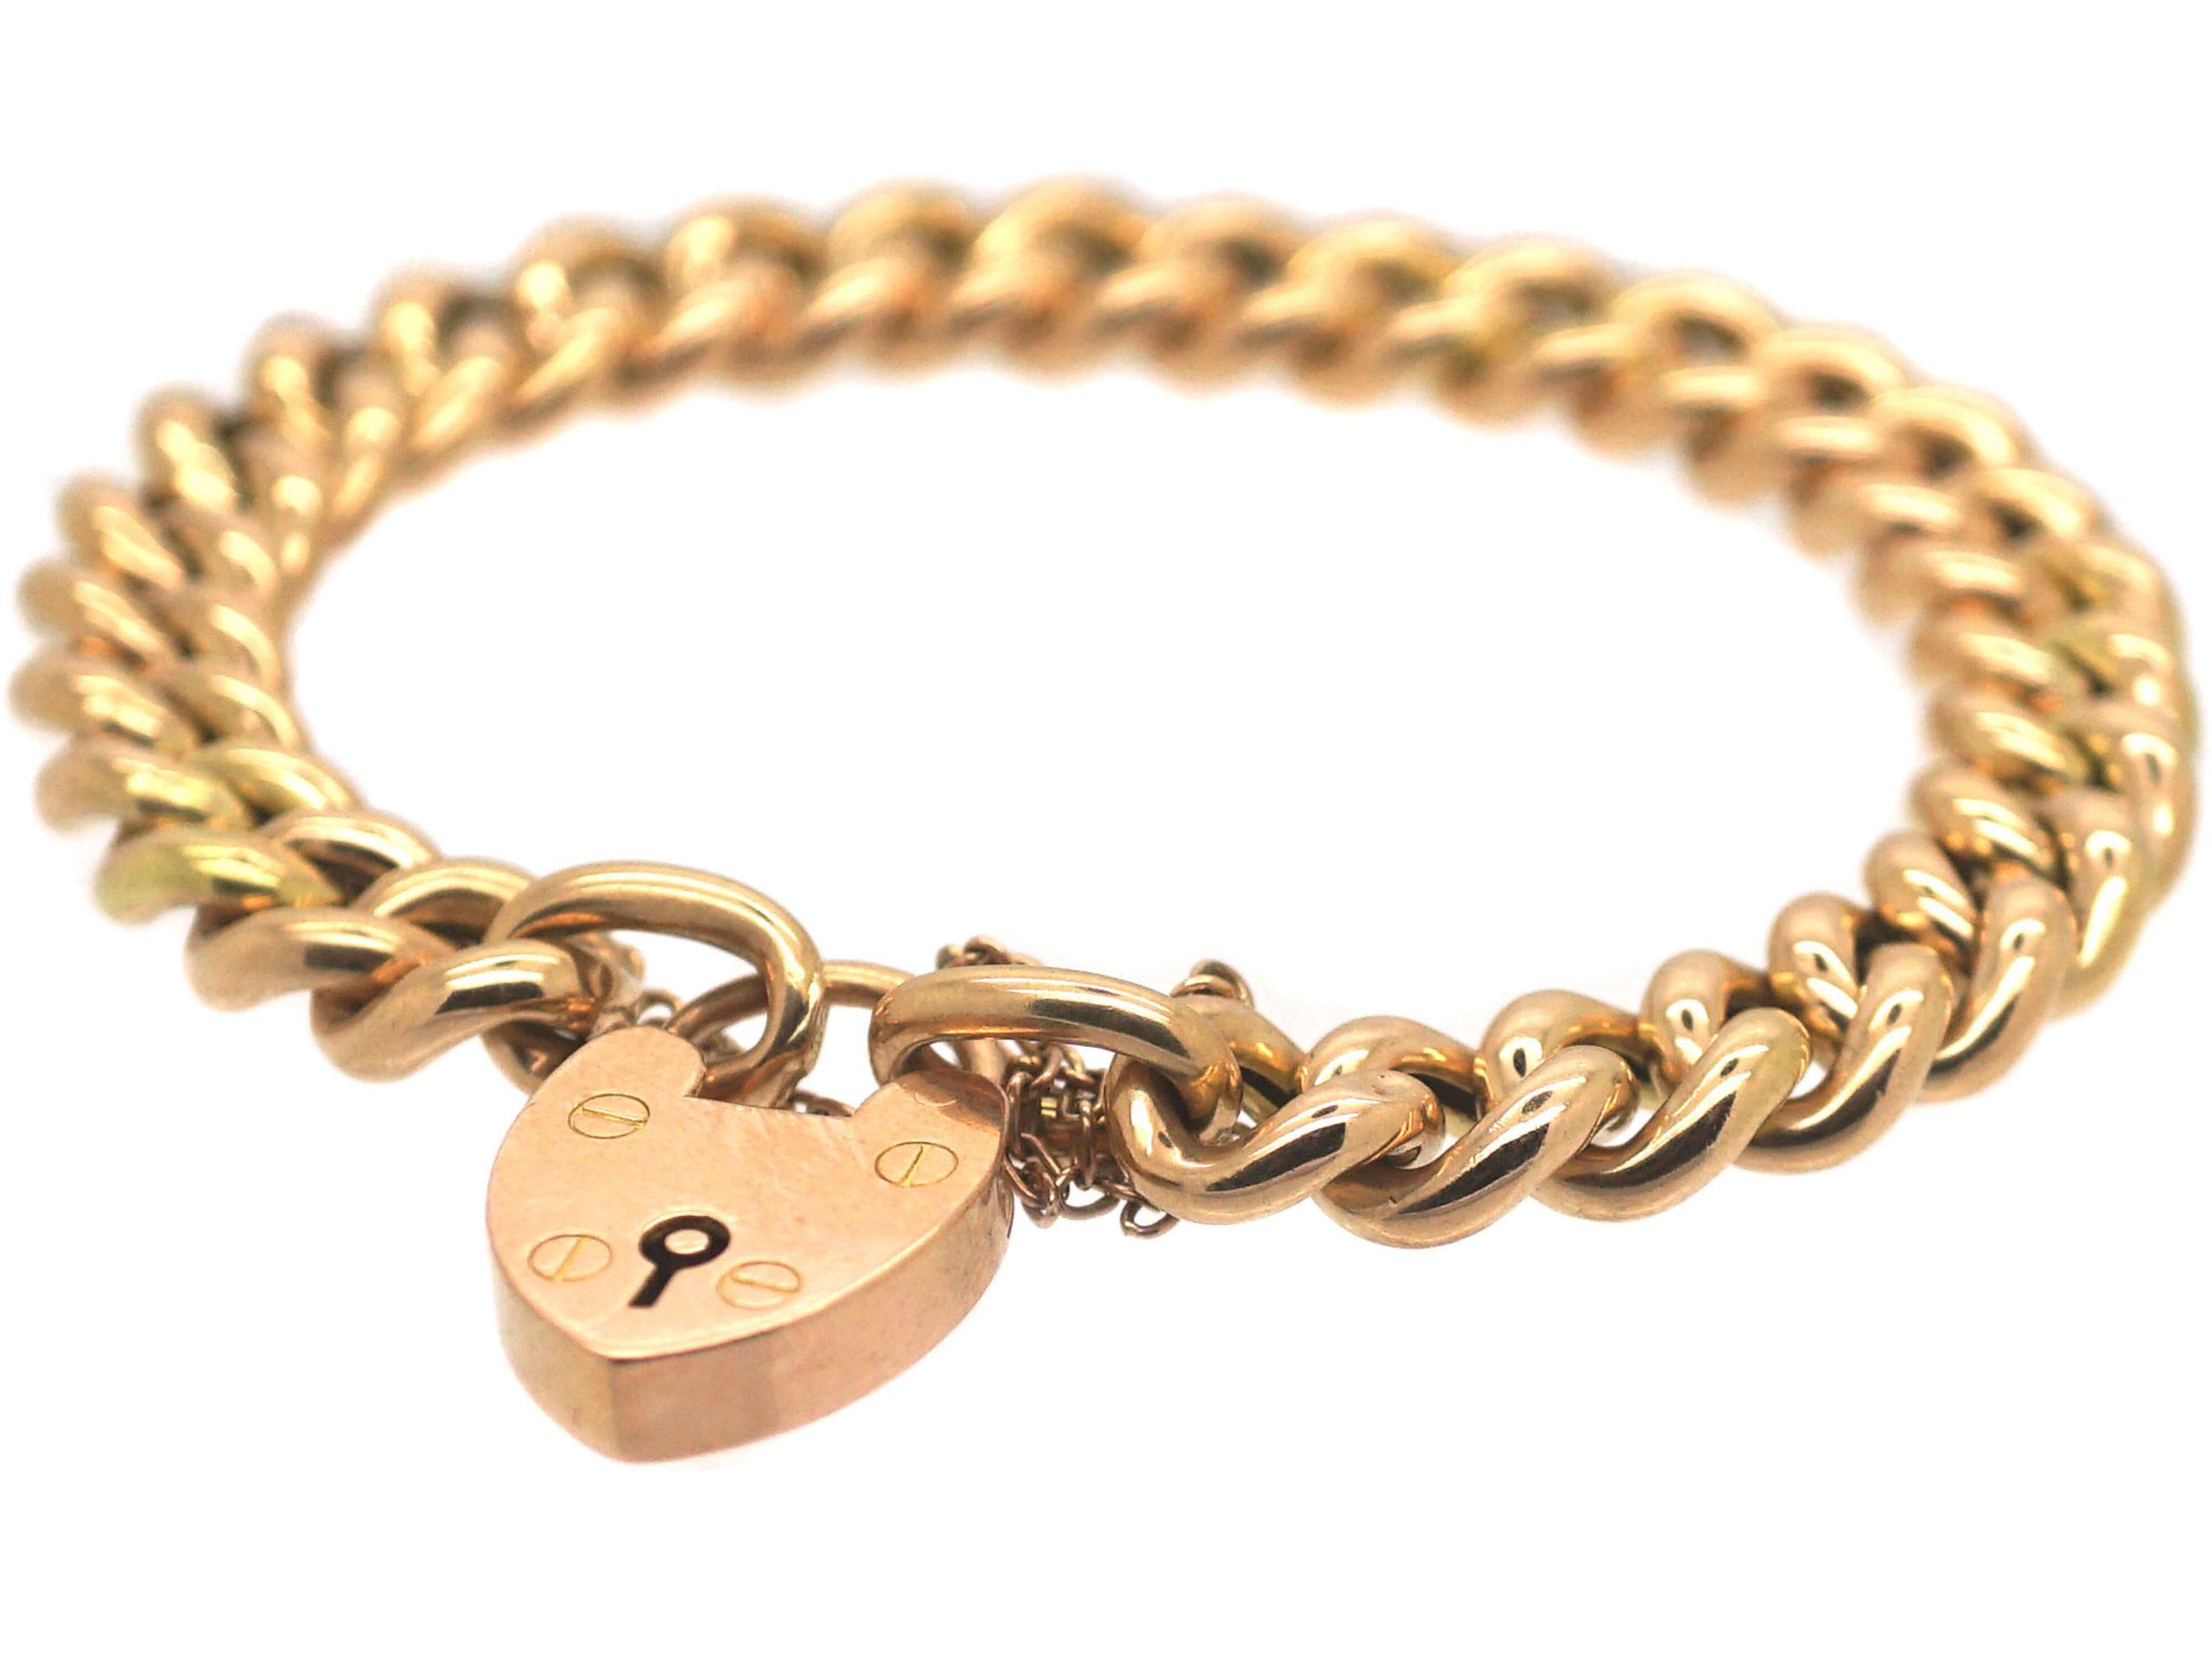 Edwardian 15ct Gold Curb Link Bracelet